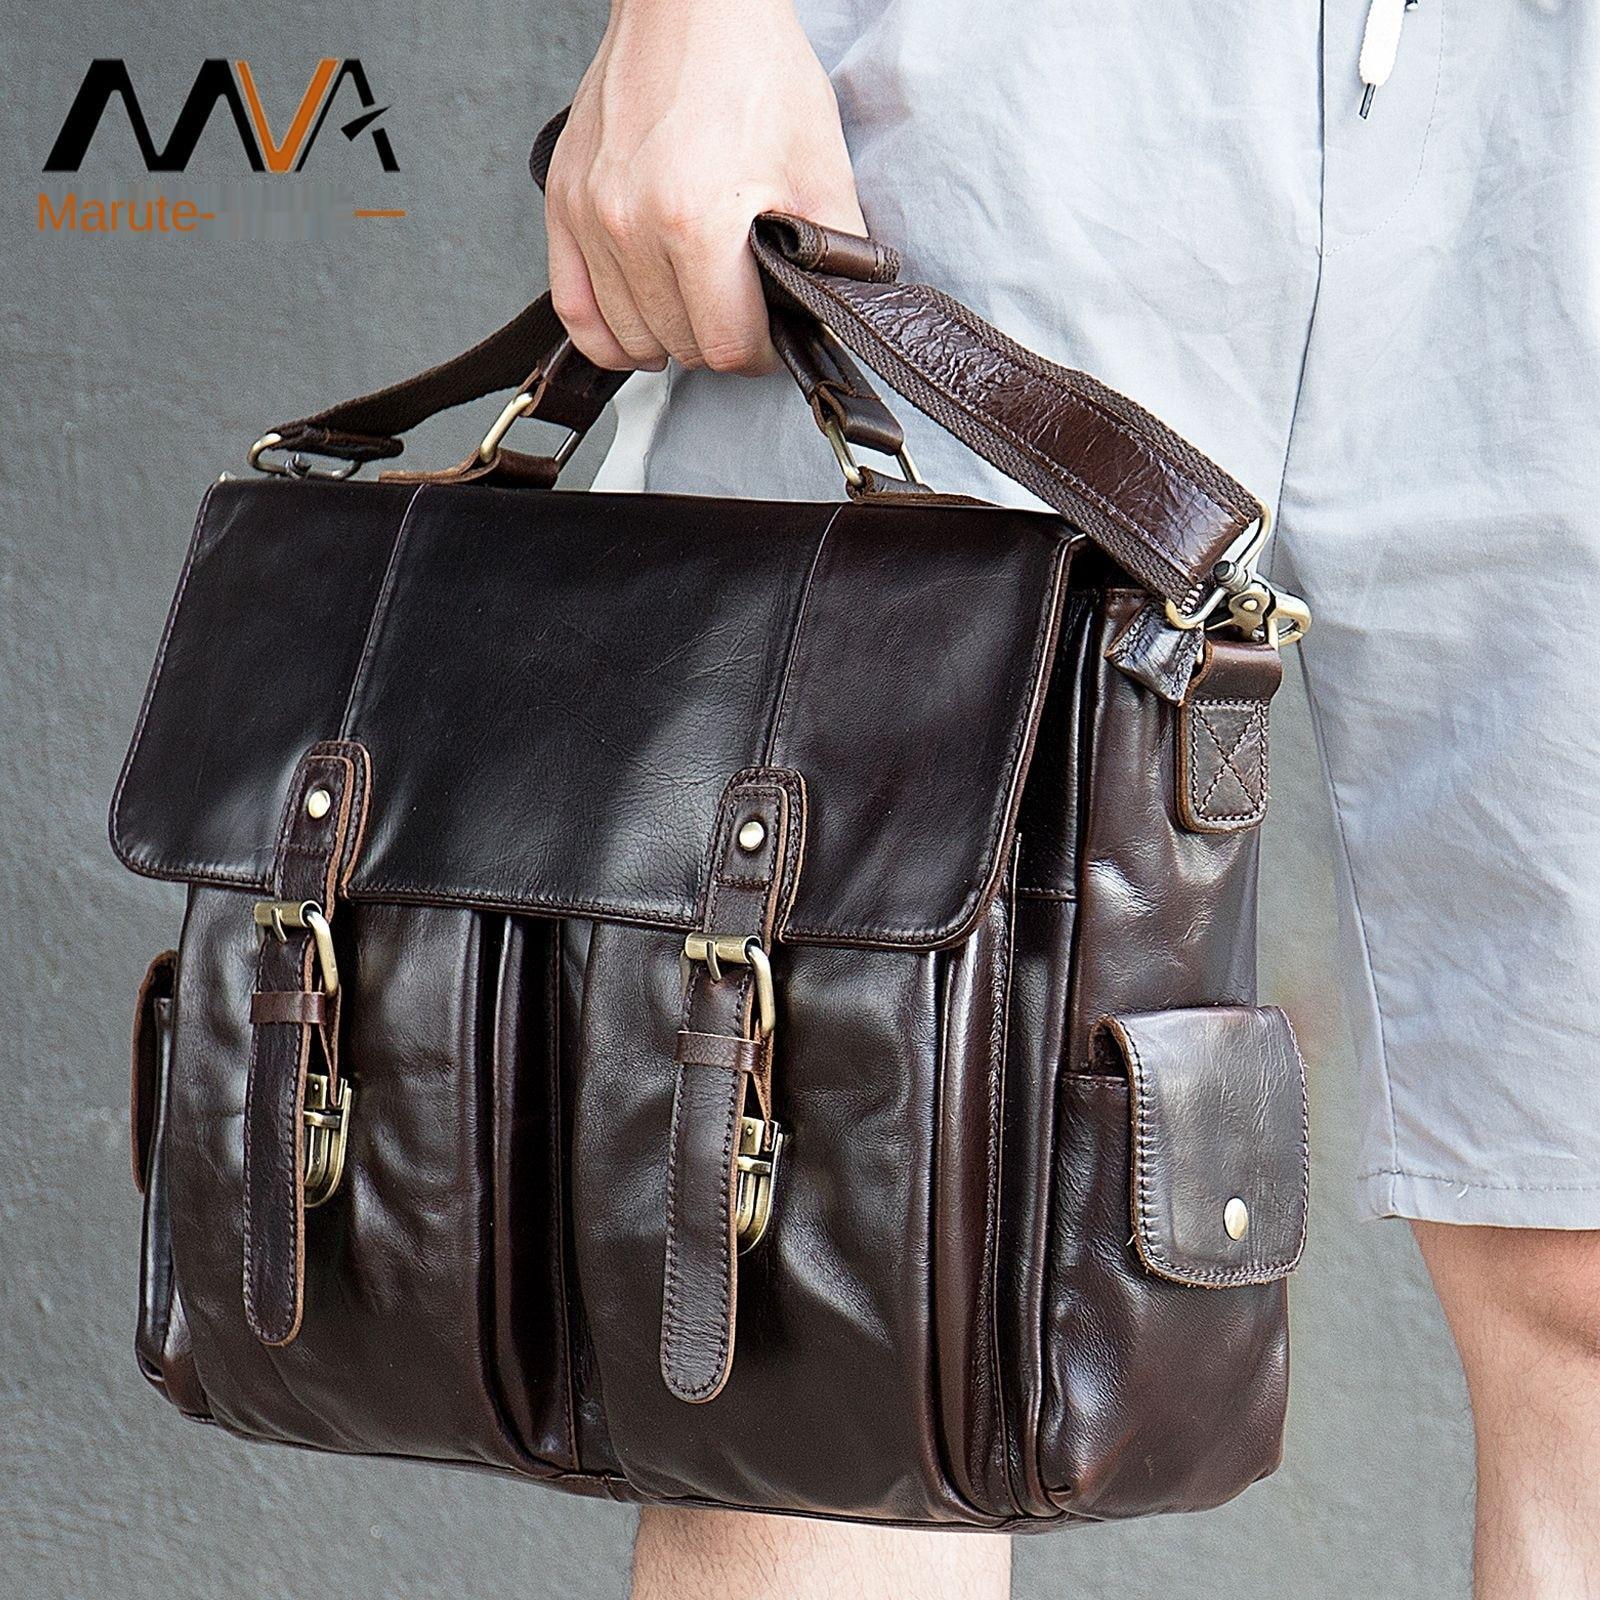 Large men's leather bag handbag fashion men's functional office travel messenger bag men's 14-inch laptop shoulder bag men